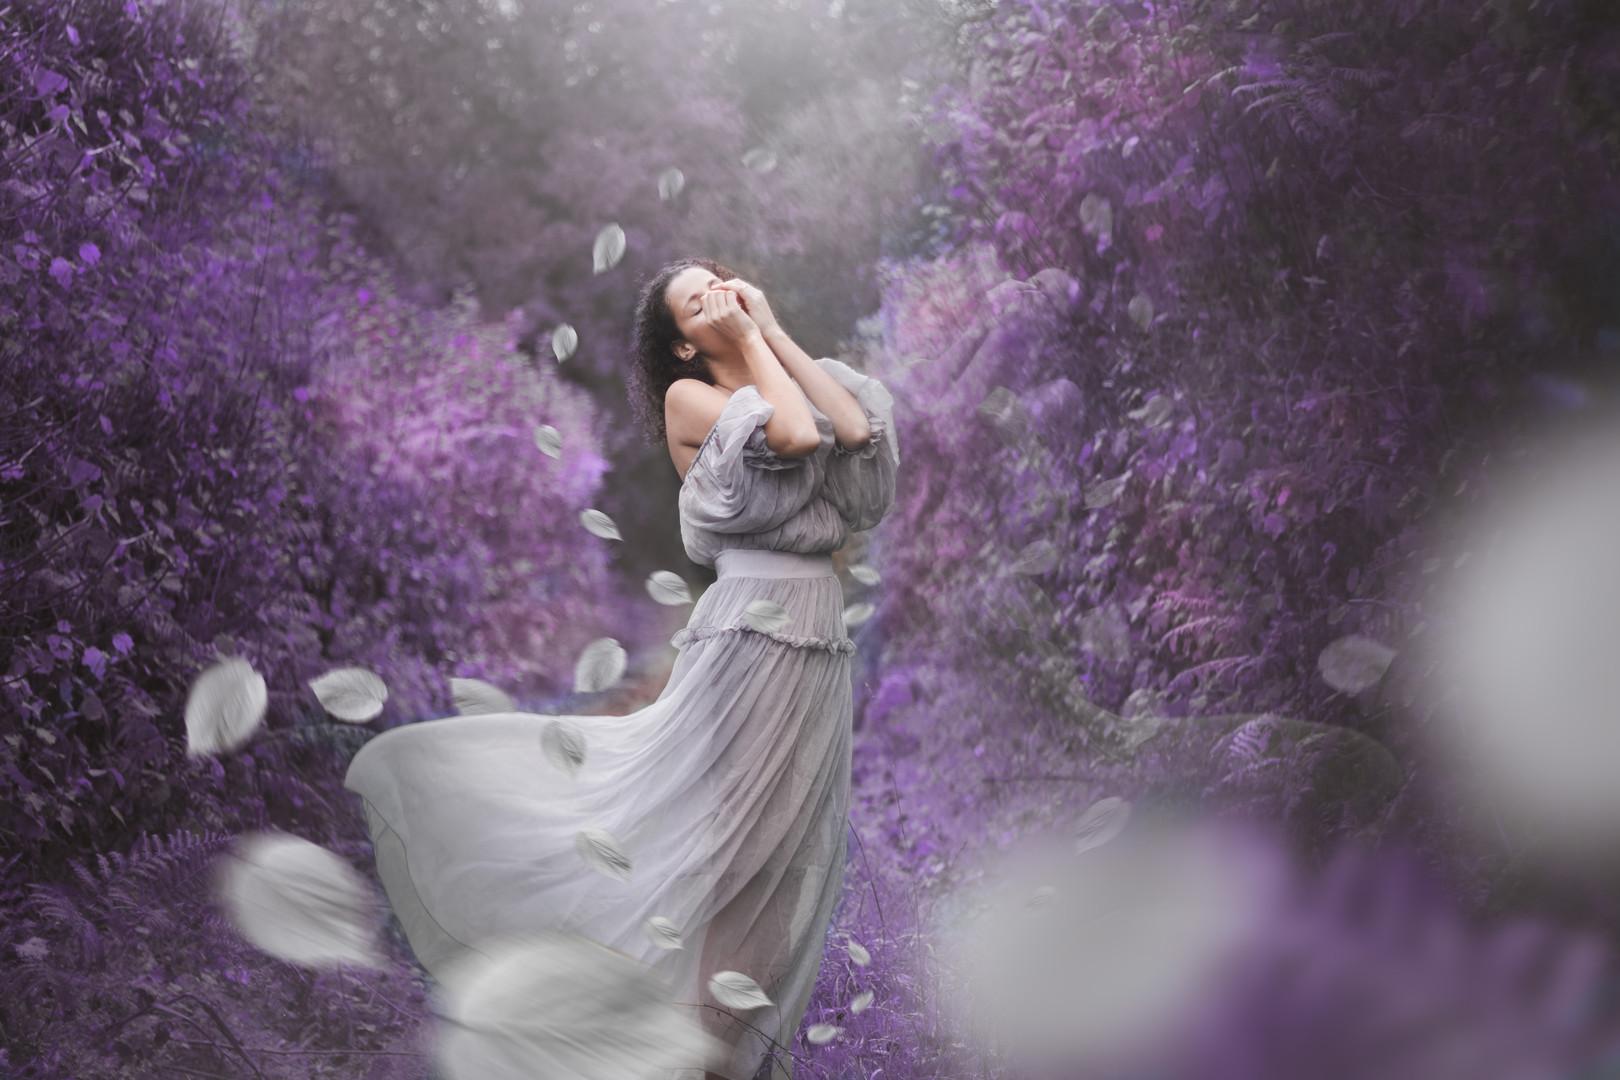 autoportrait robe grise violet.jpg